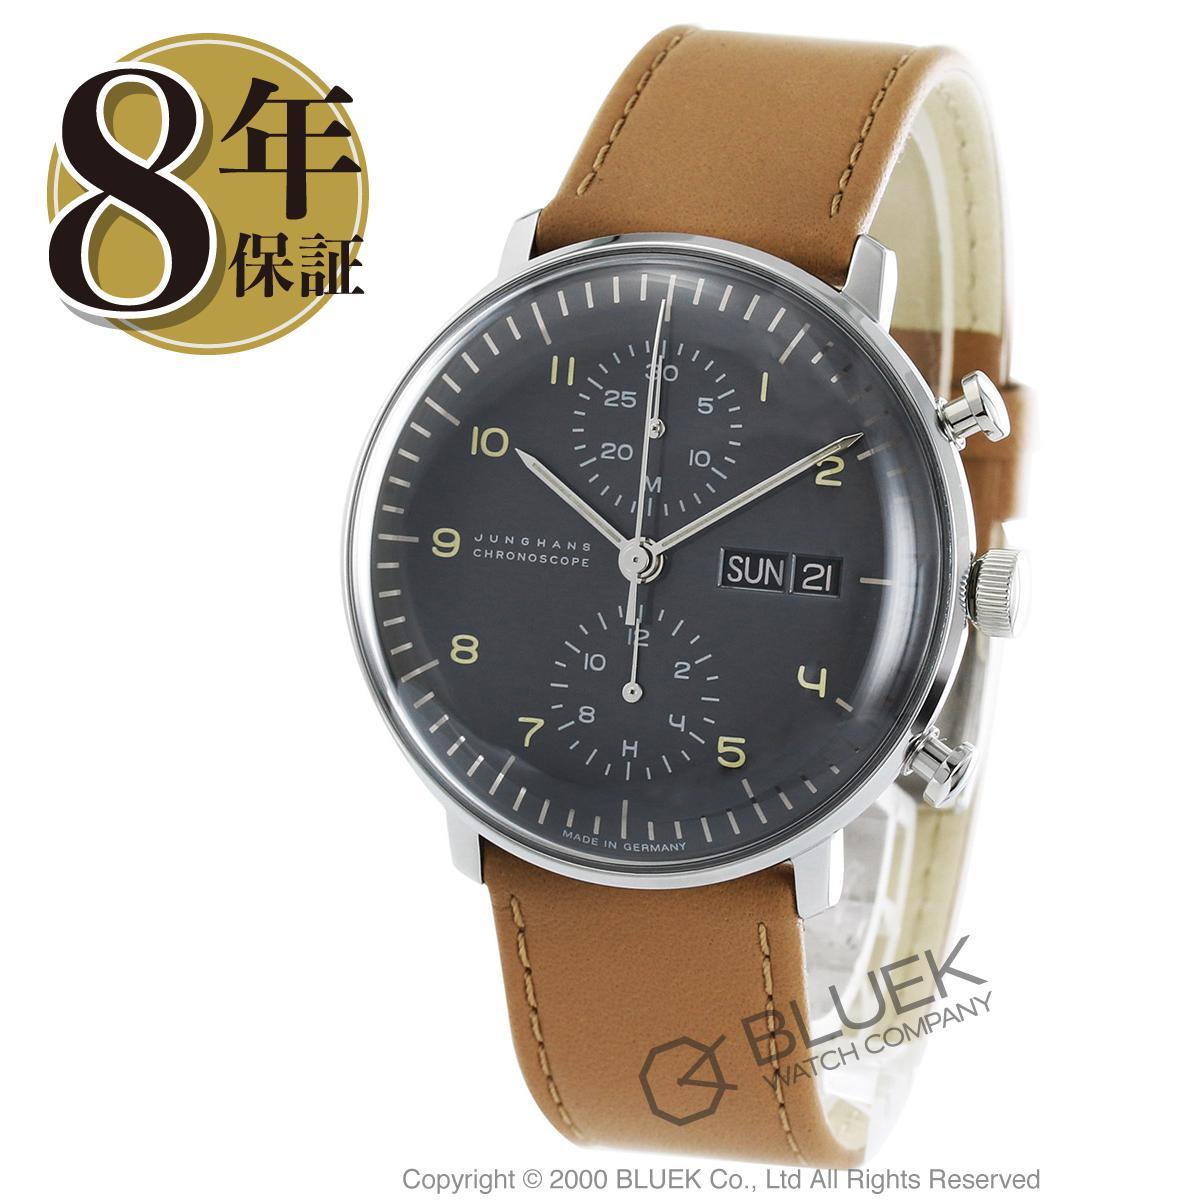 ユンハンス JUNGHANS 腕時計 マックスビル クロノスコープ メンズ 027/4501.01_8